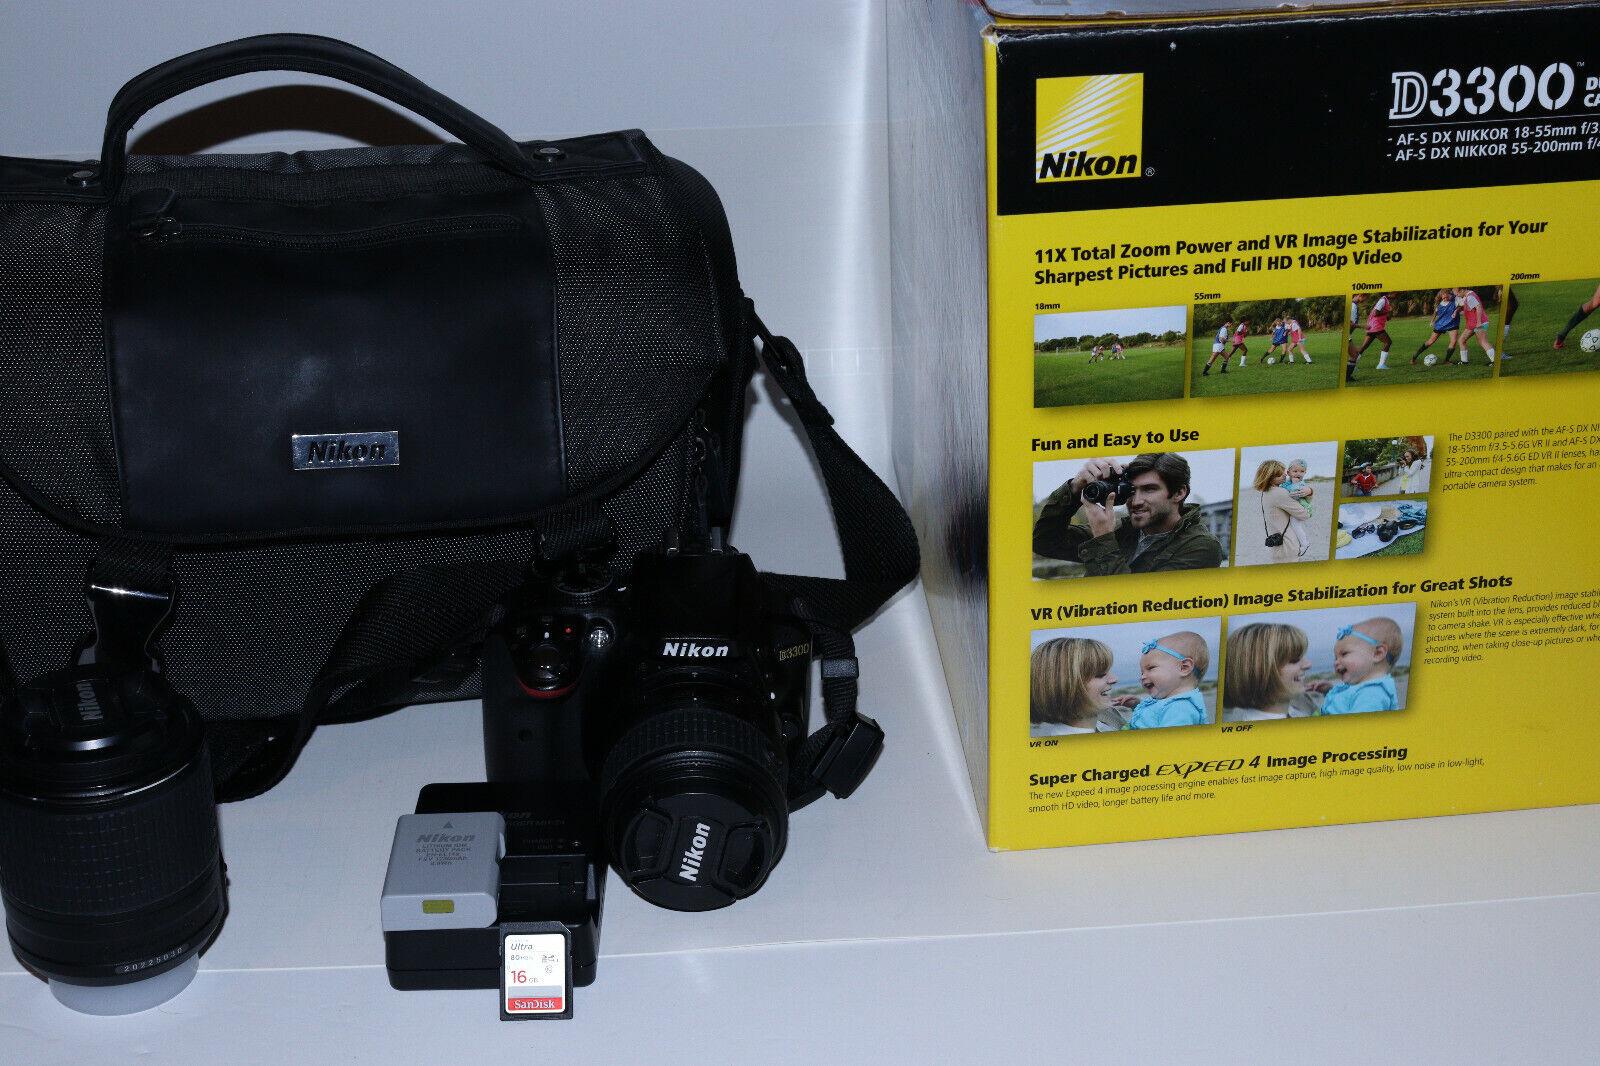 Nikon D3300 24.2MP DSLR Camera Kit W/ 18-55mm 55-200mm Lens, WiFi, Bag More - $356.00